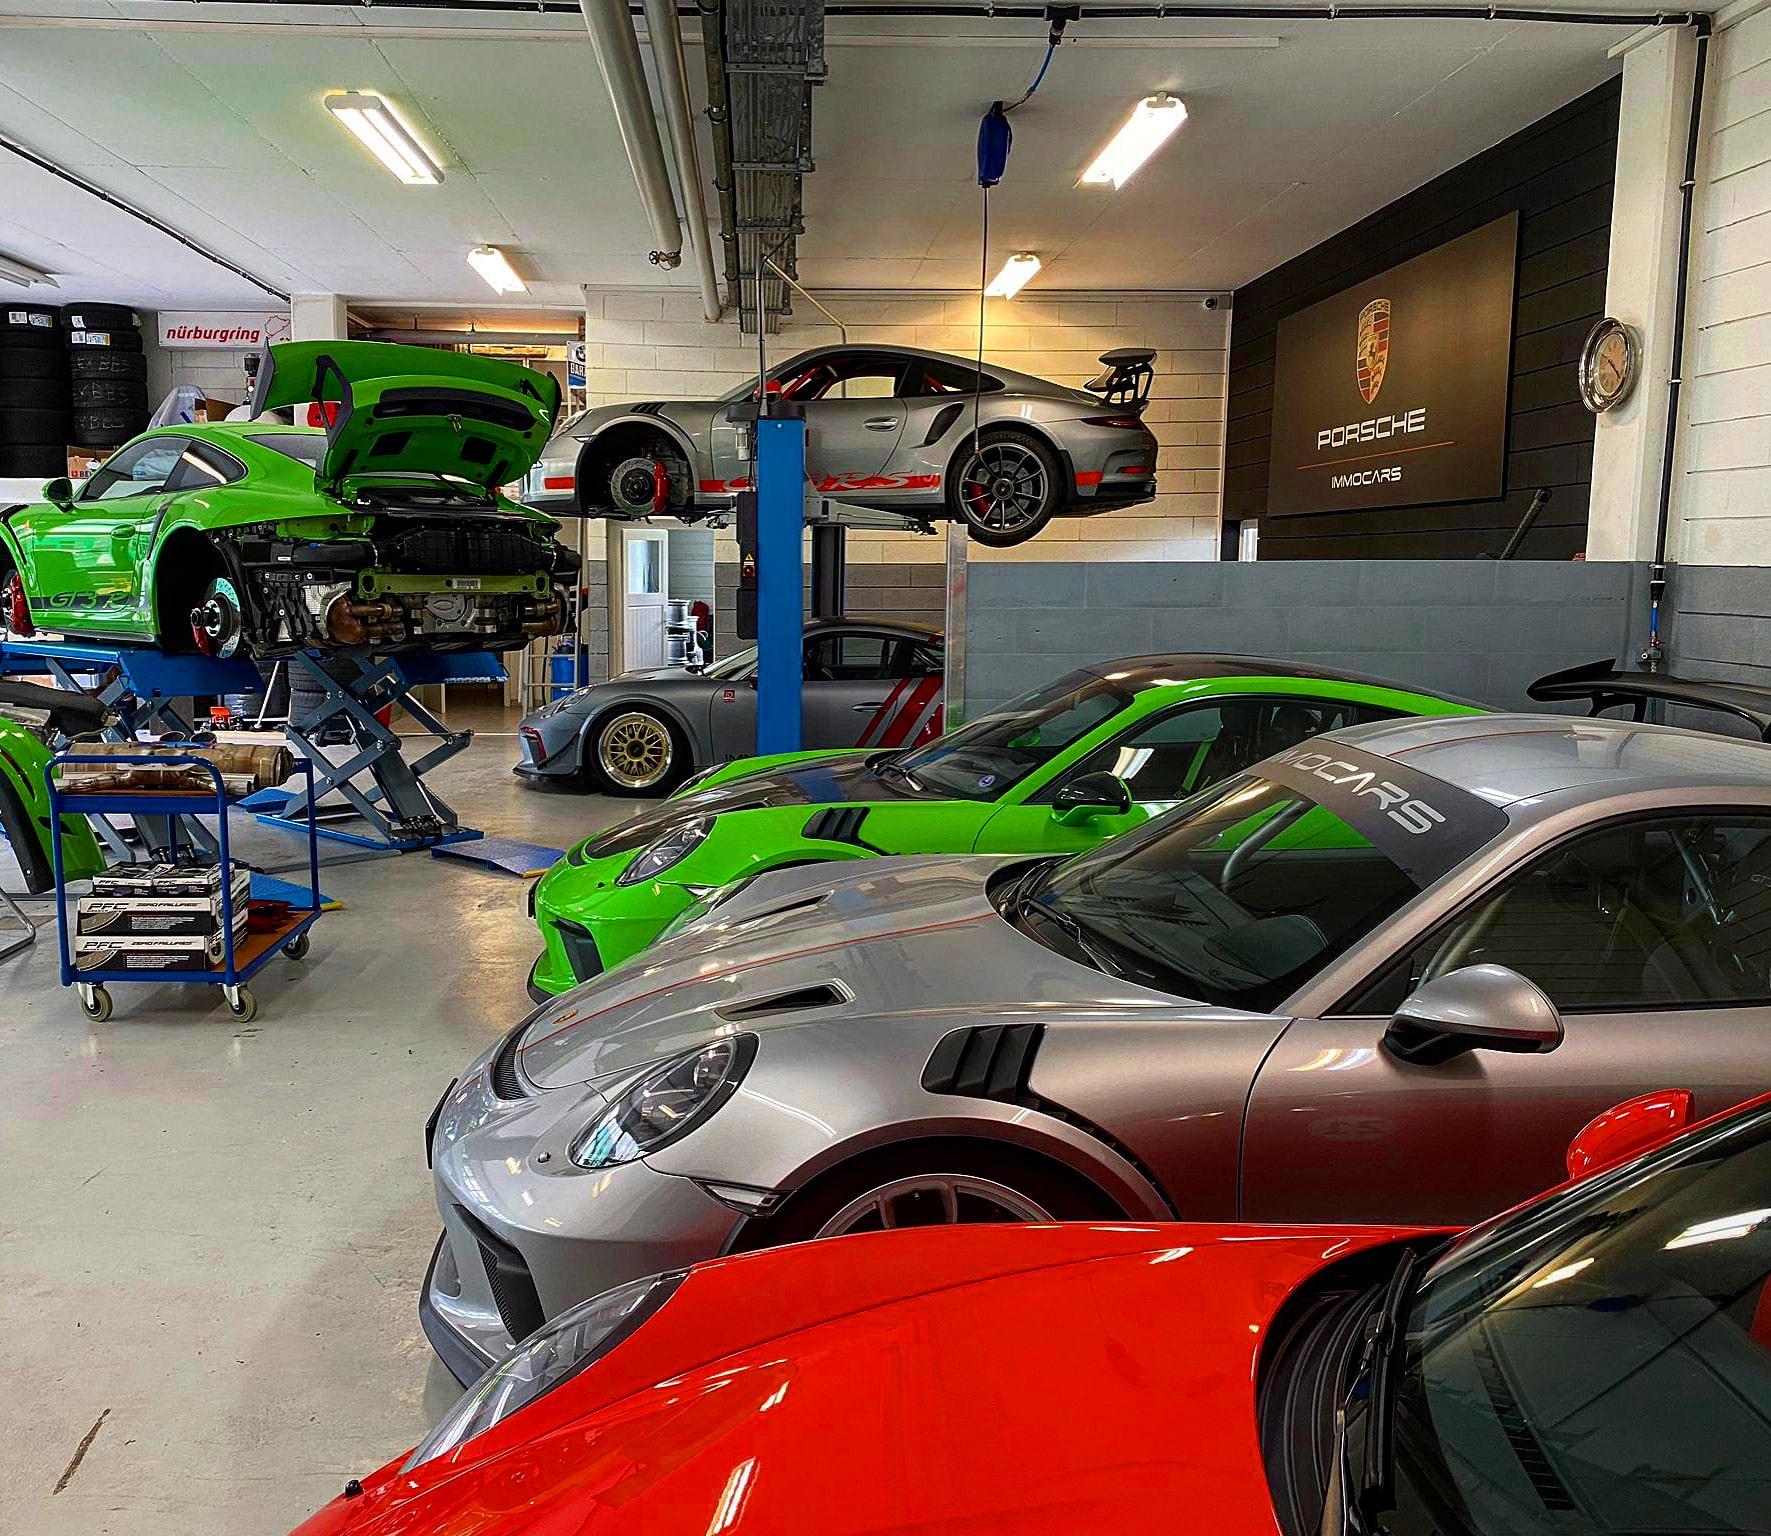 immocars SA - Achat et vente de voitures de marques premium, neuves et occasions